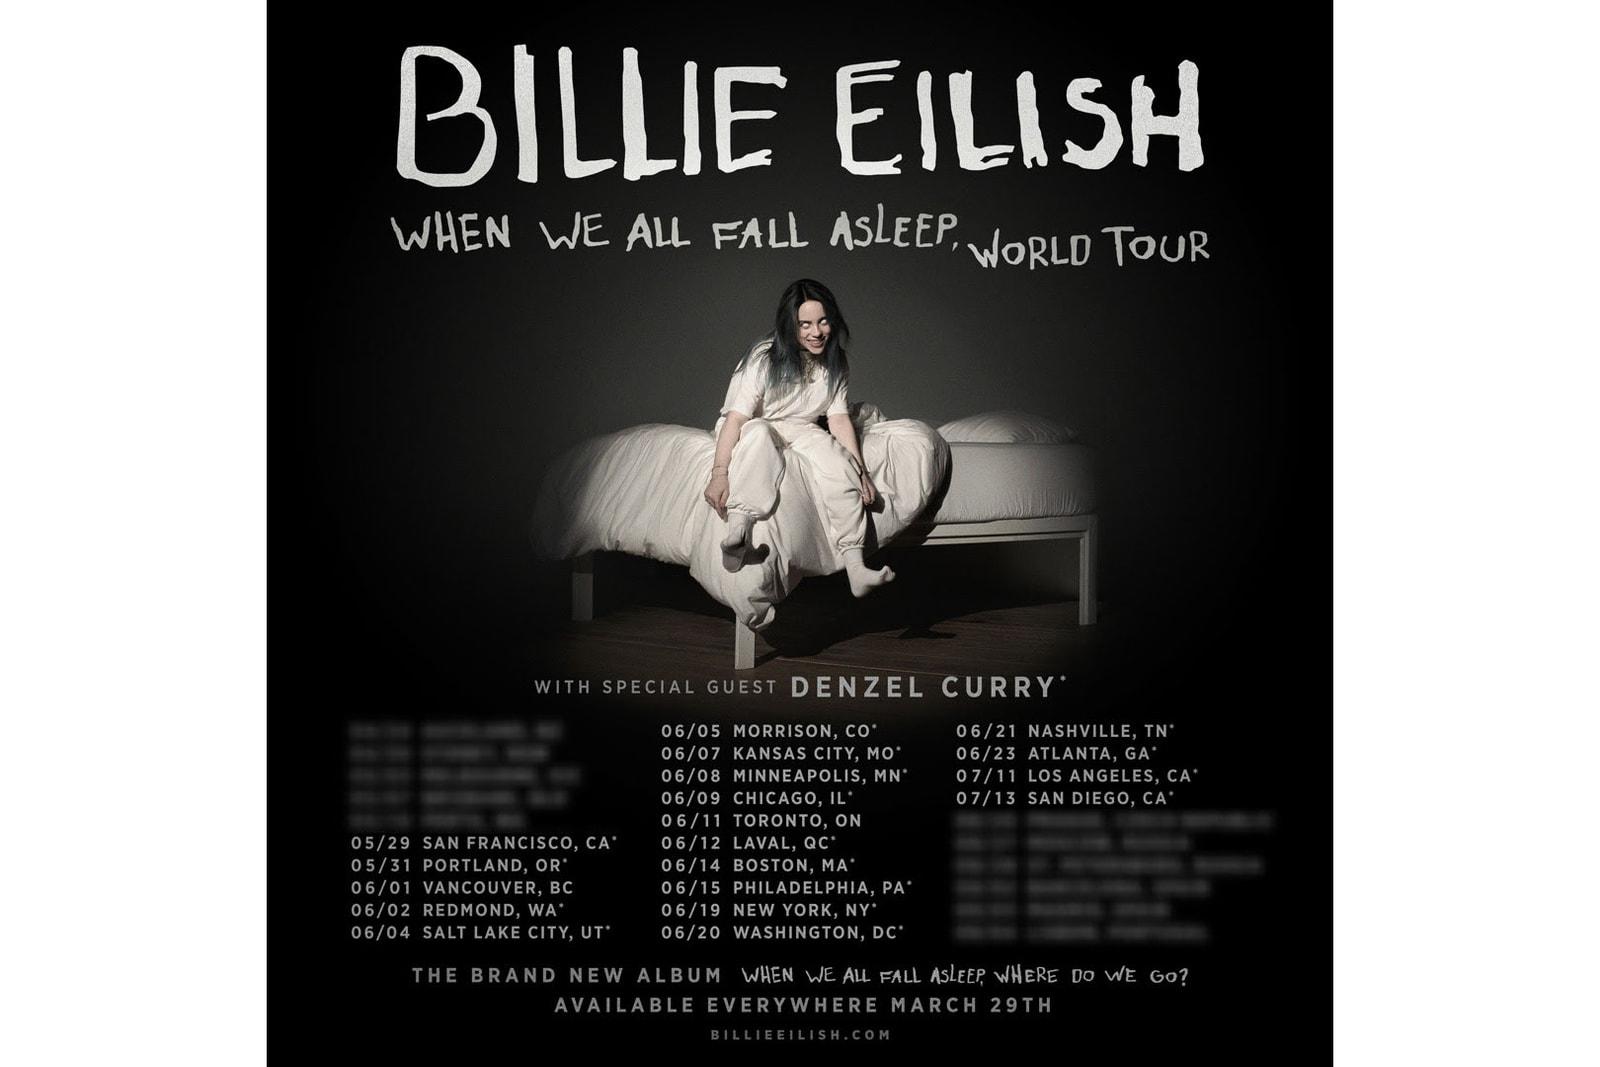 Billie Eilish When We All Fall Asleep WHERE DO WE GO